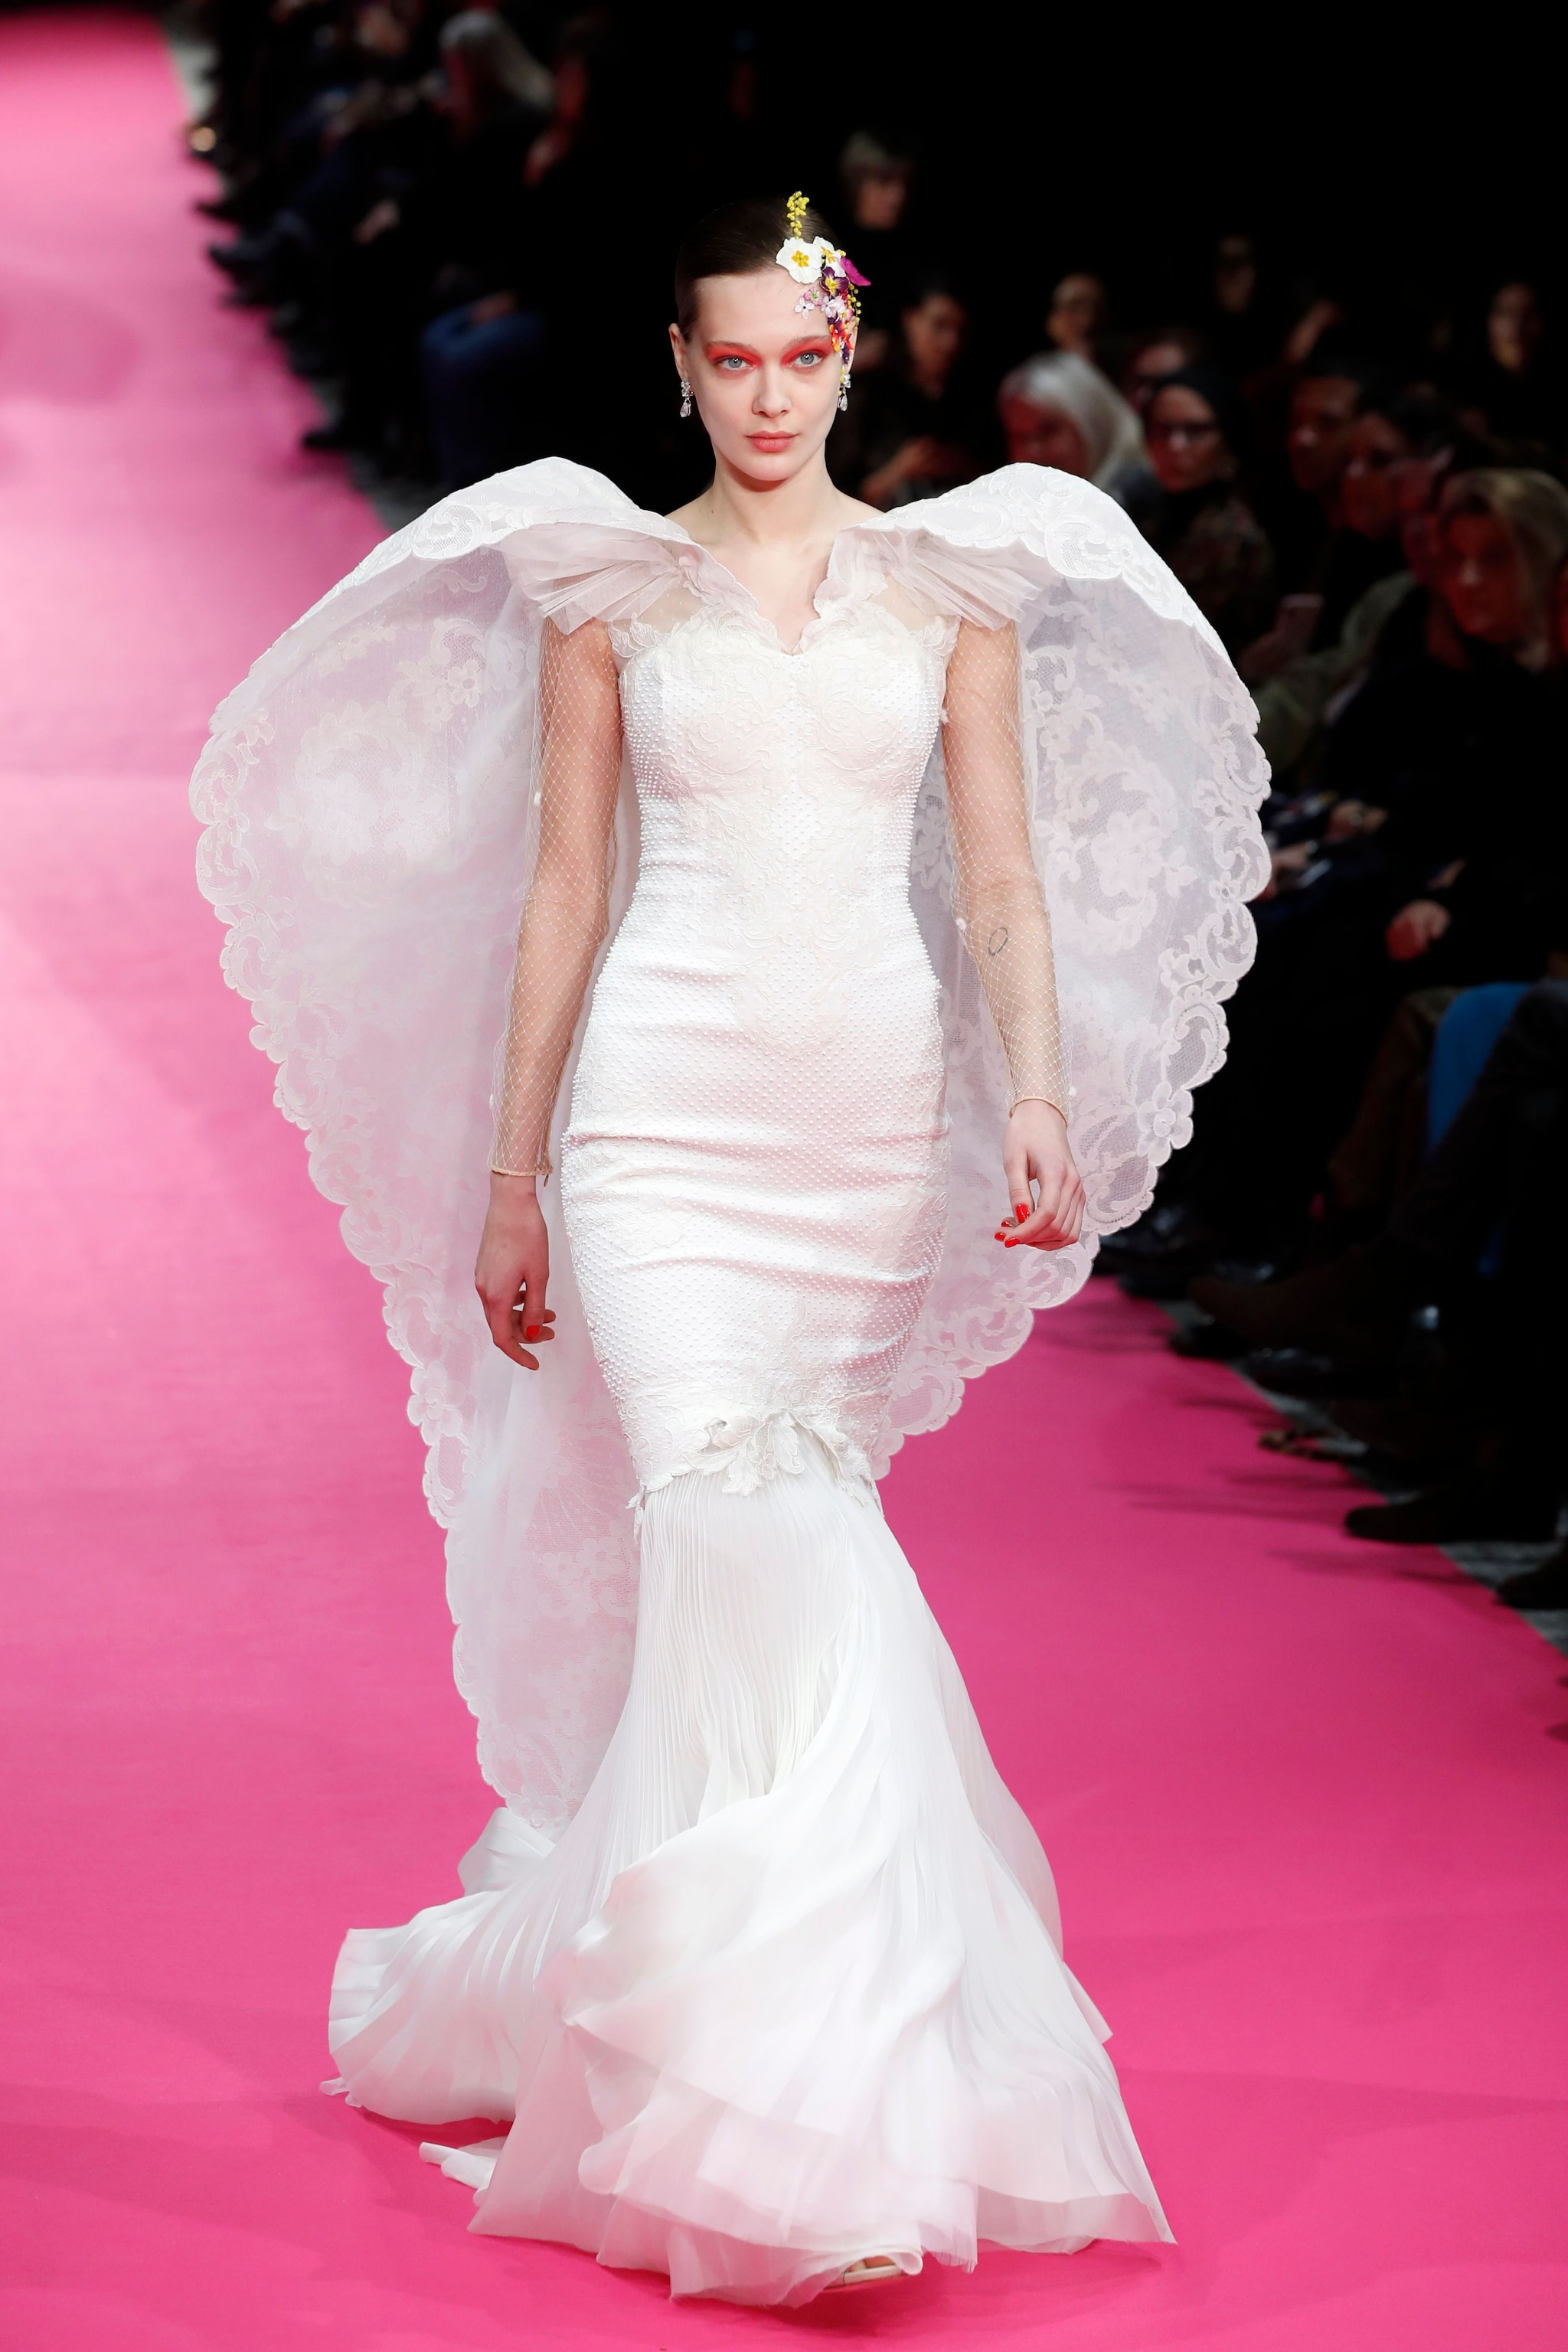 Il Scegliere Sposa L'abito Modelli Da Per Come Perfetto6 PiTkXOZu